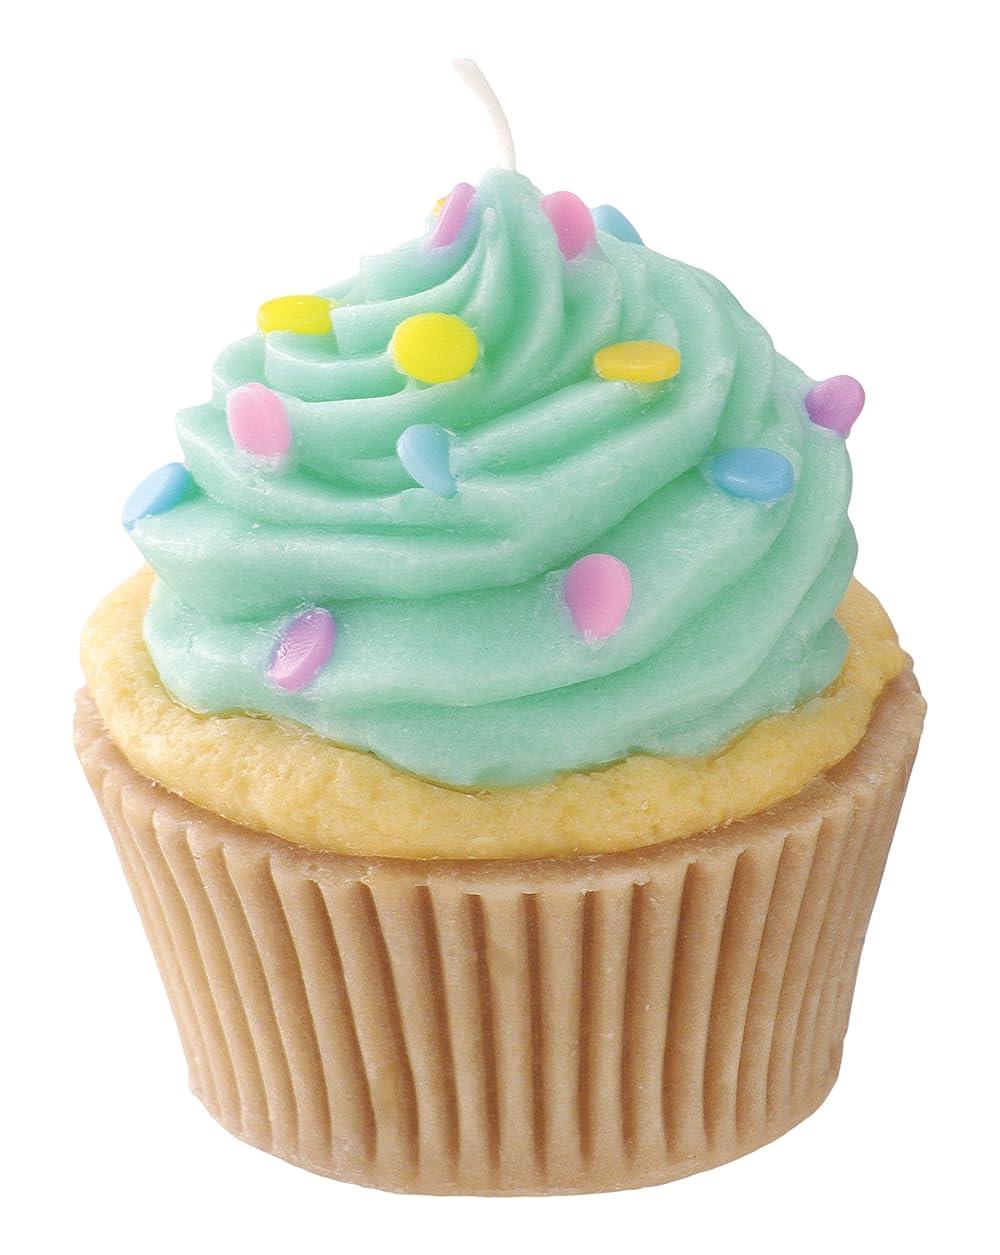 脳大きなスケールで見るとシャープカメヤマキャンドルハウス 本物そっくり! アメリカンカップケーキキャンドル ミントクリーム バニラの香り